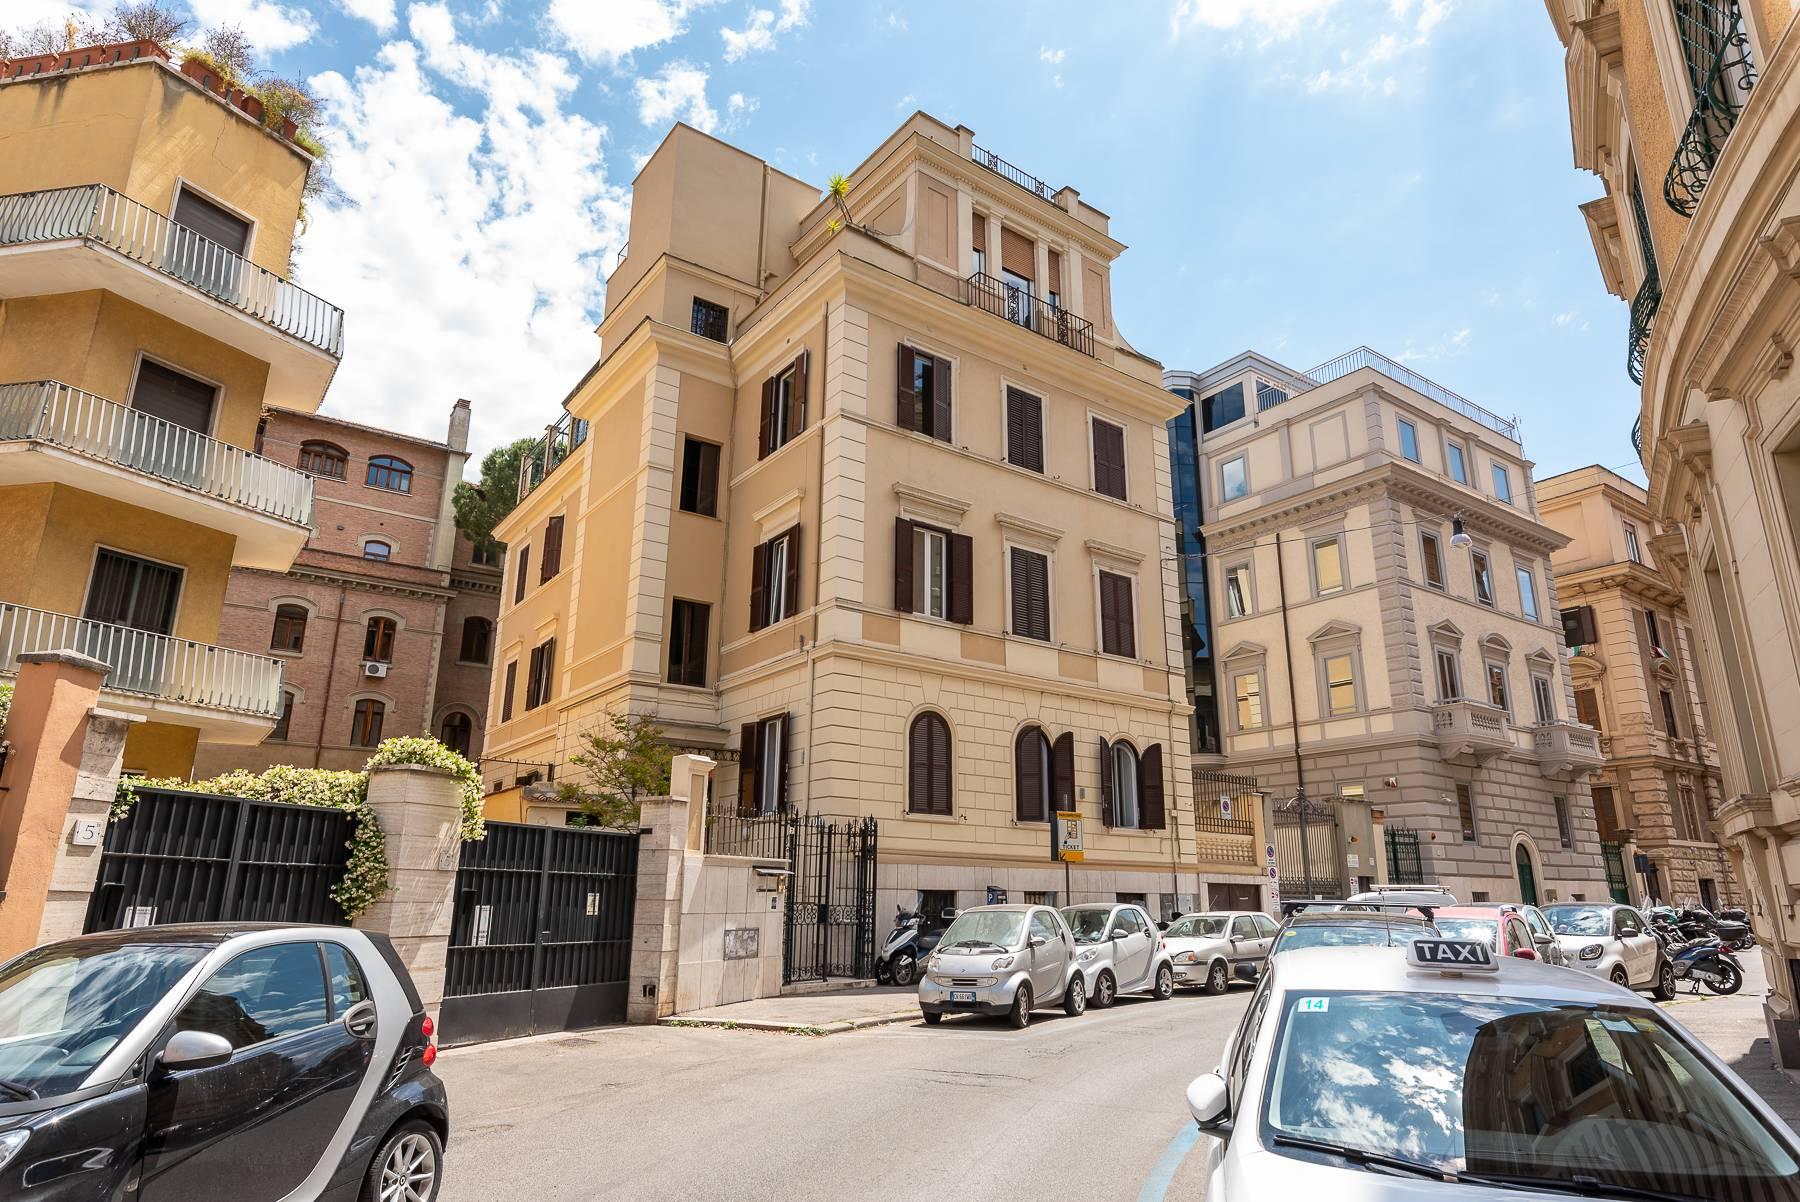 Ufficio-studio in Vendita a Roma: 5 locali, 322 mq - Foto 2